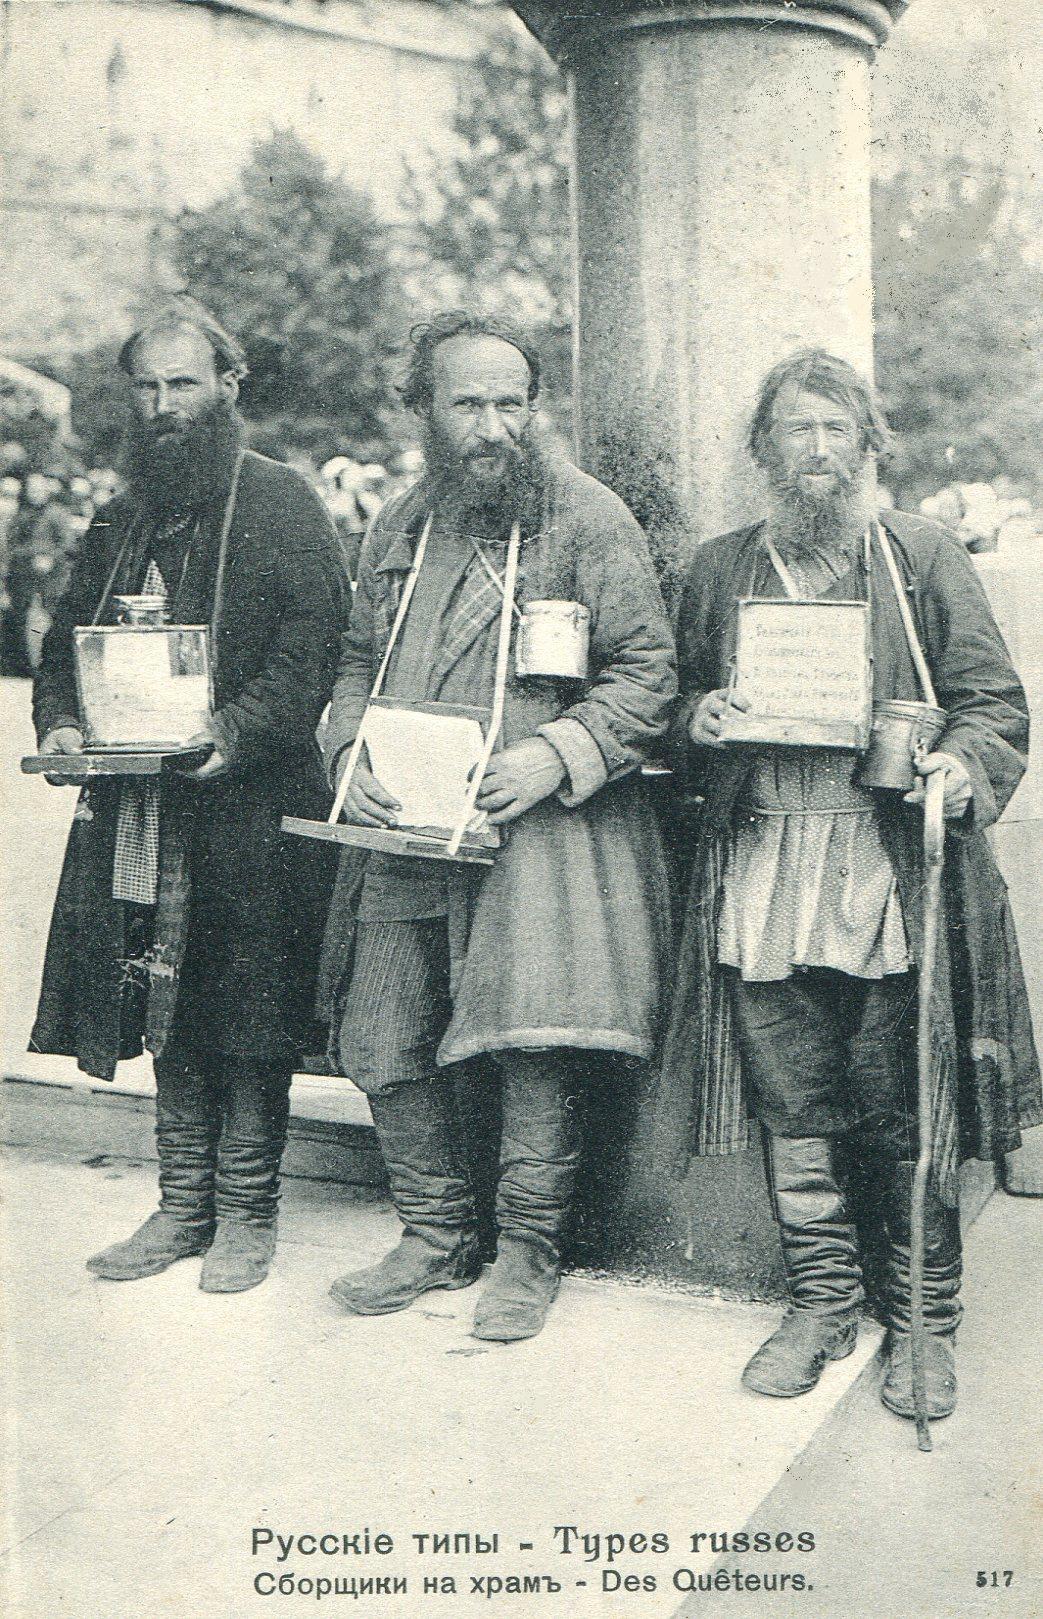 Сборщики на храм